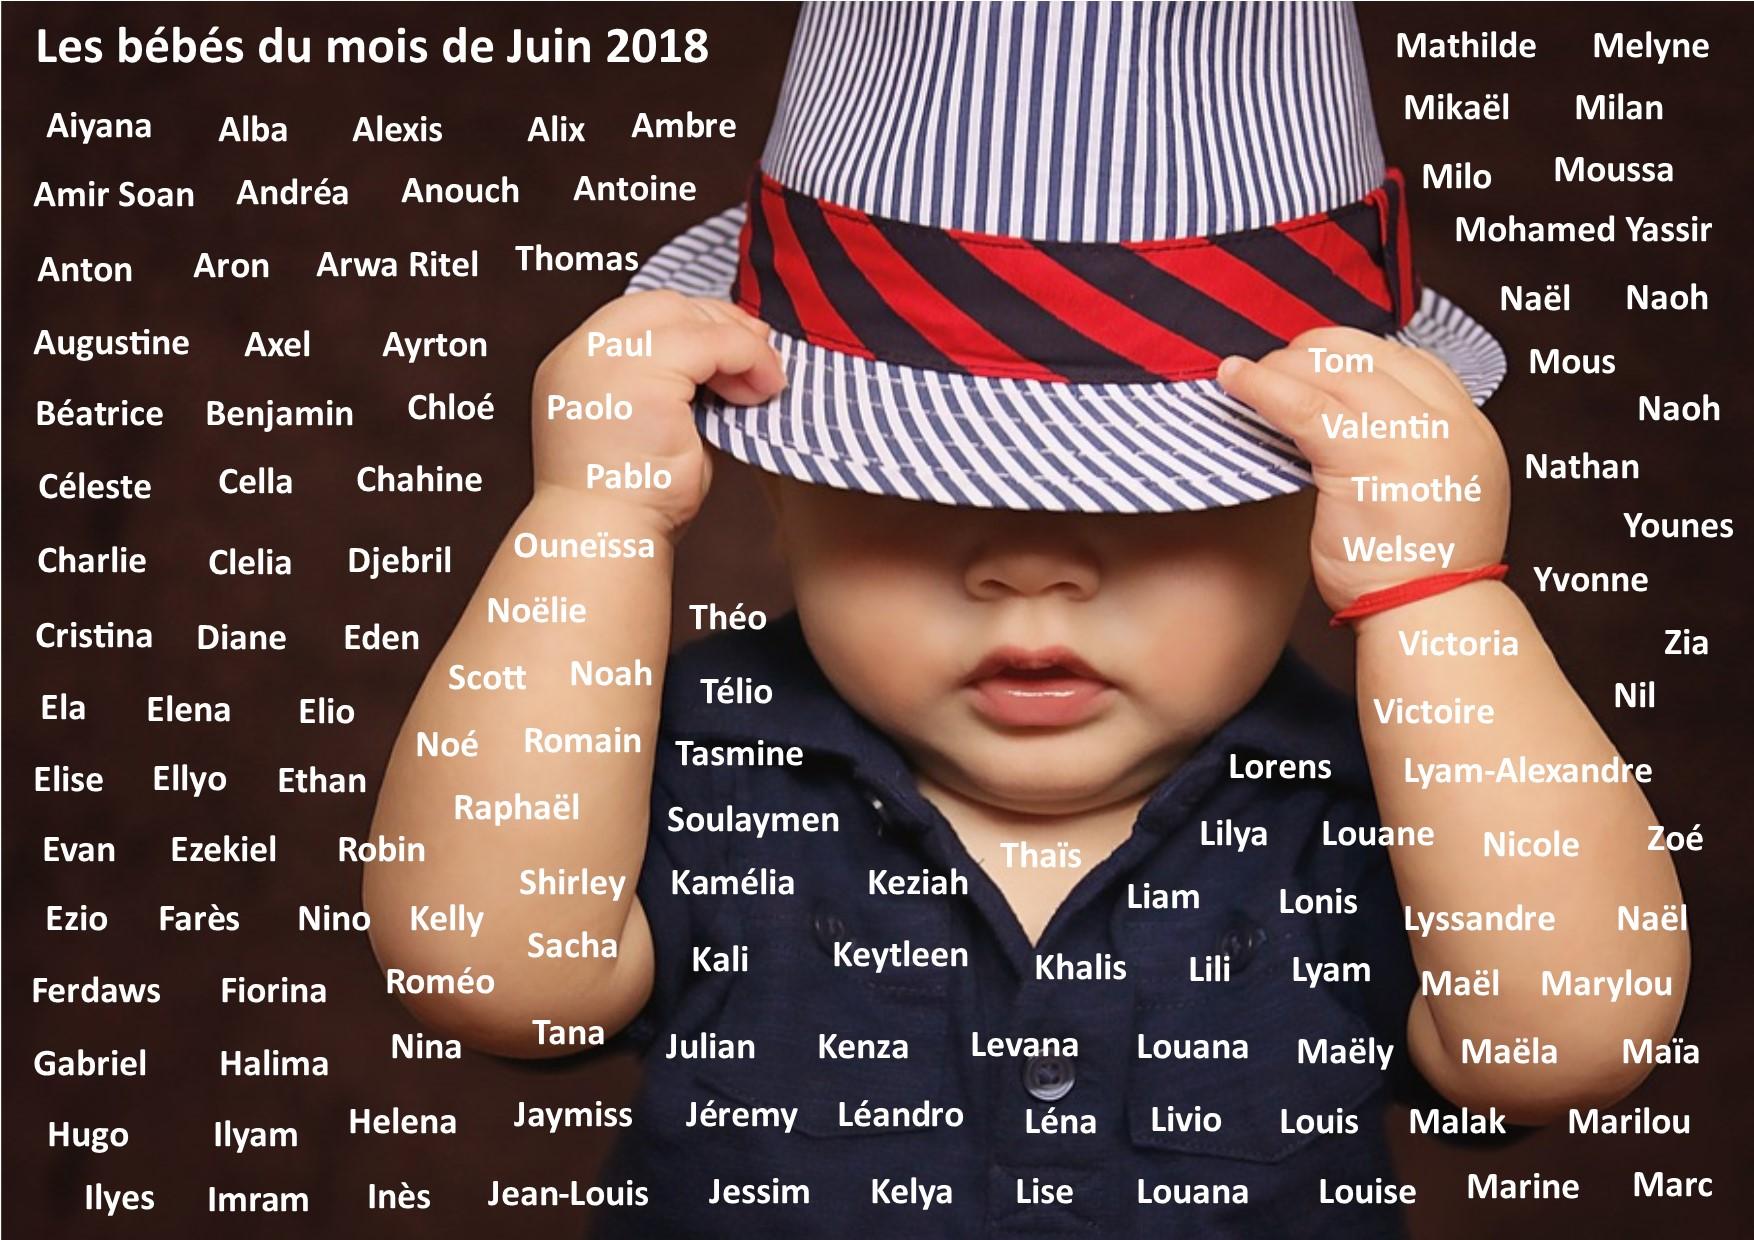 BB DU MOIS DE JUIN 2018  Maternit de la clinique Saint George